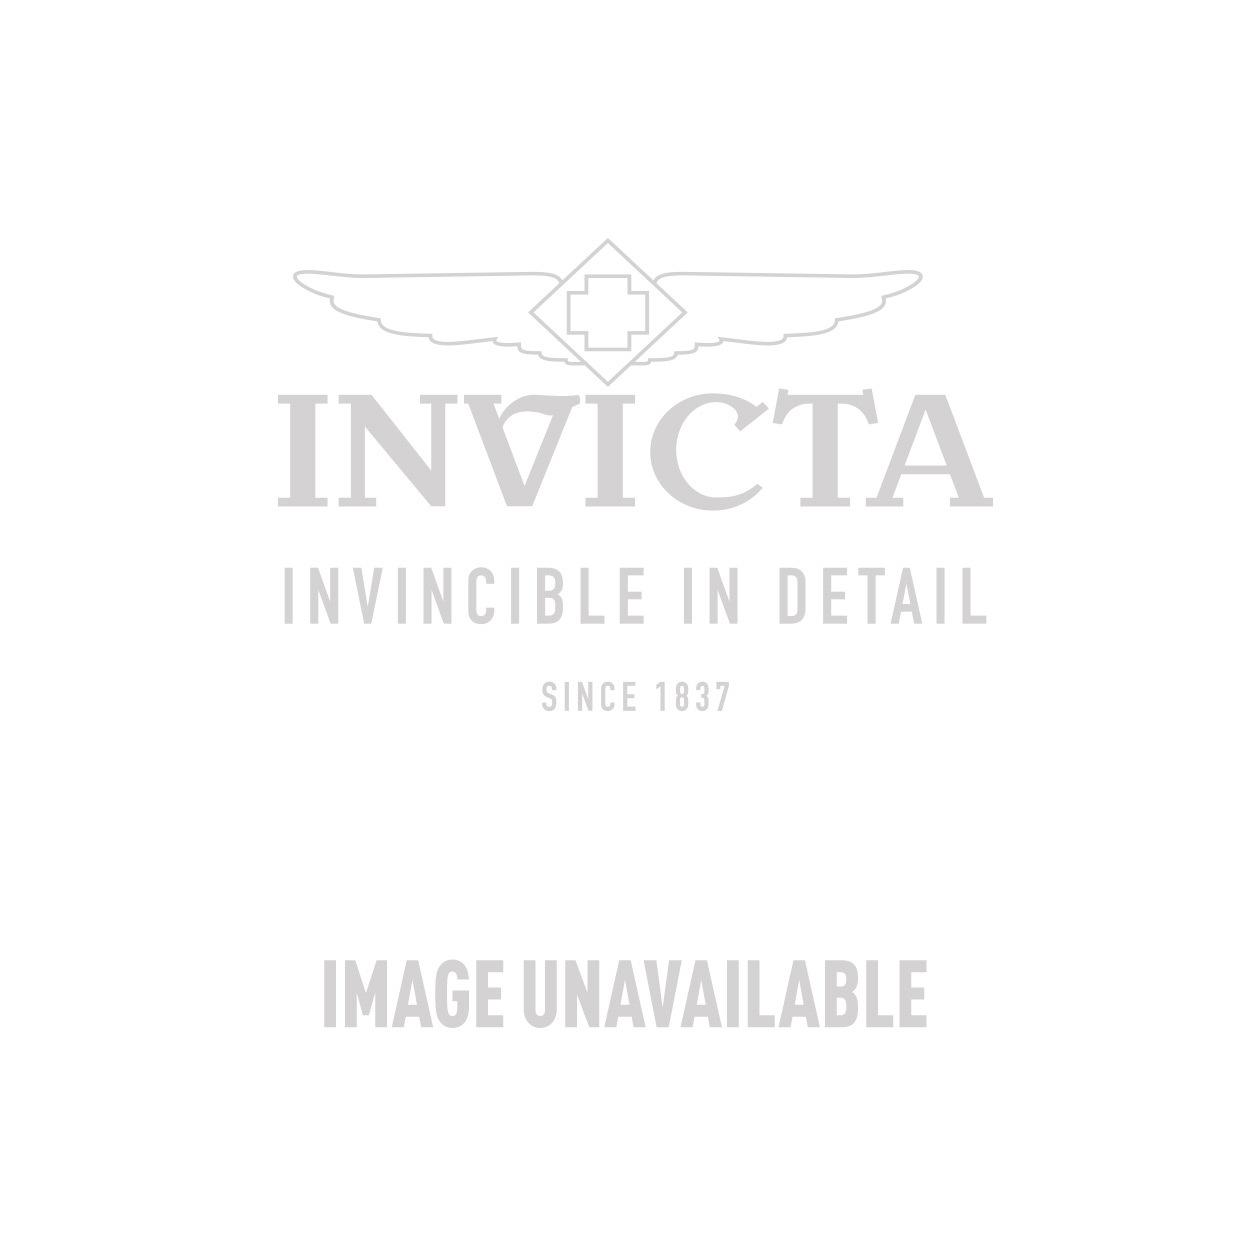 Invicta Model 27387